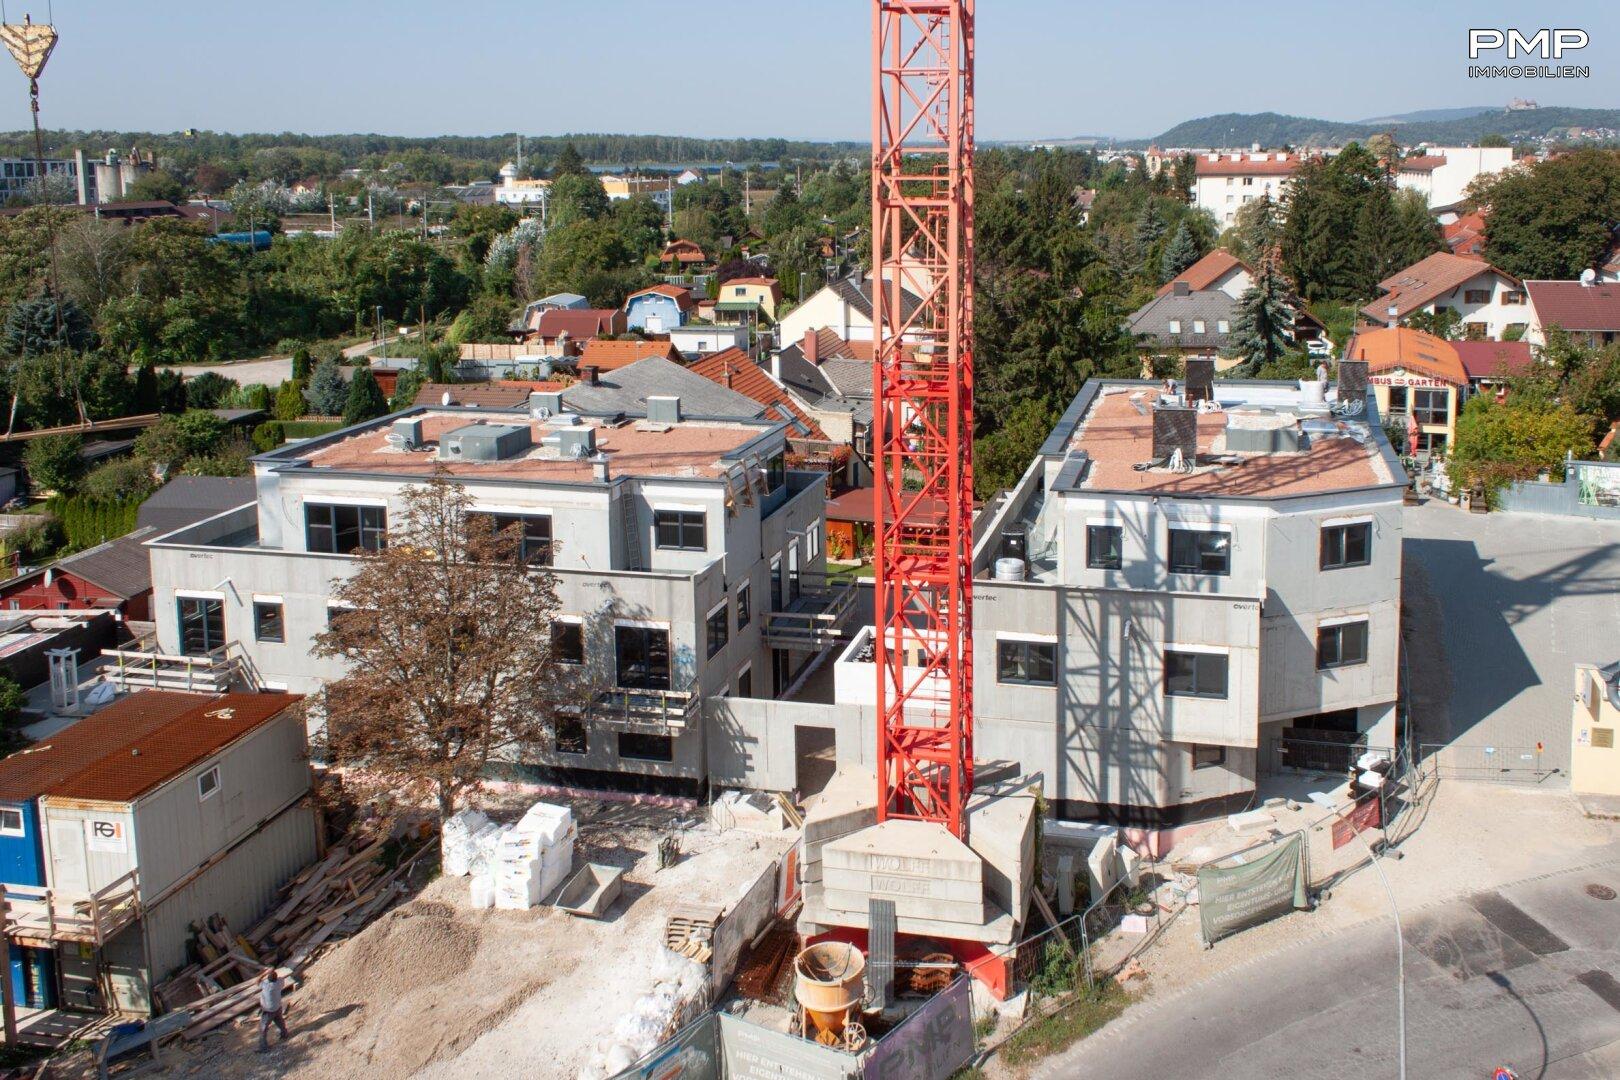 Baufortschritt am 21.09.2020